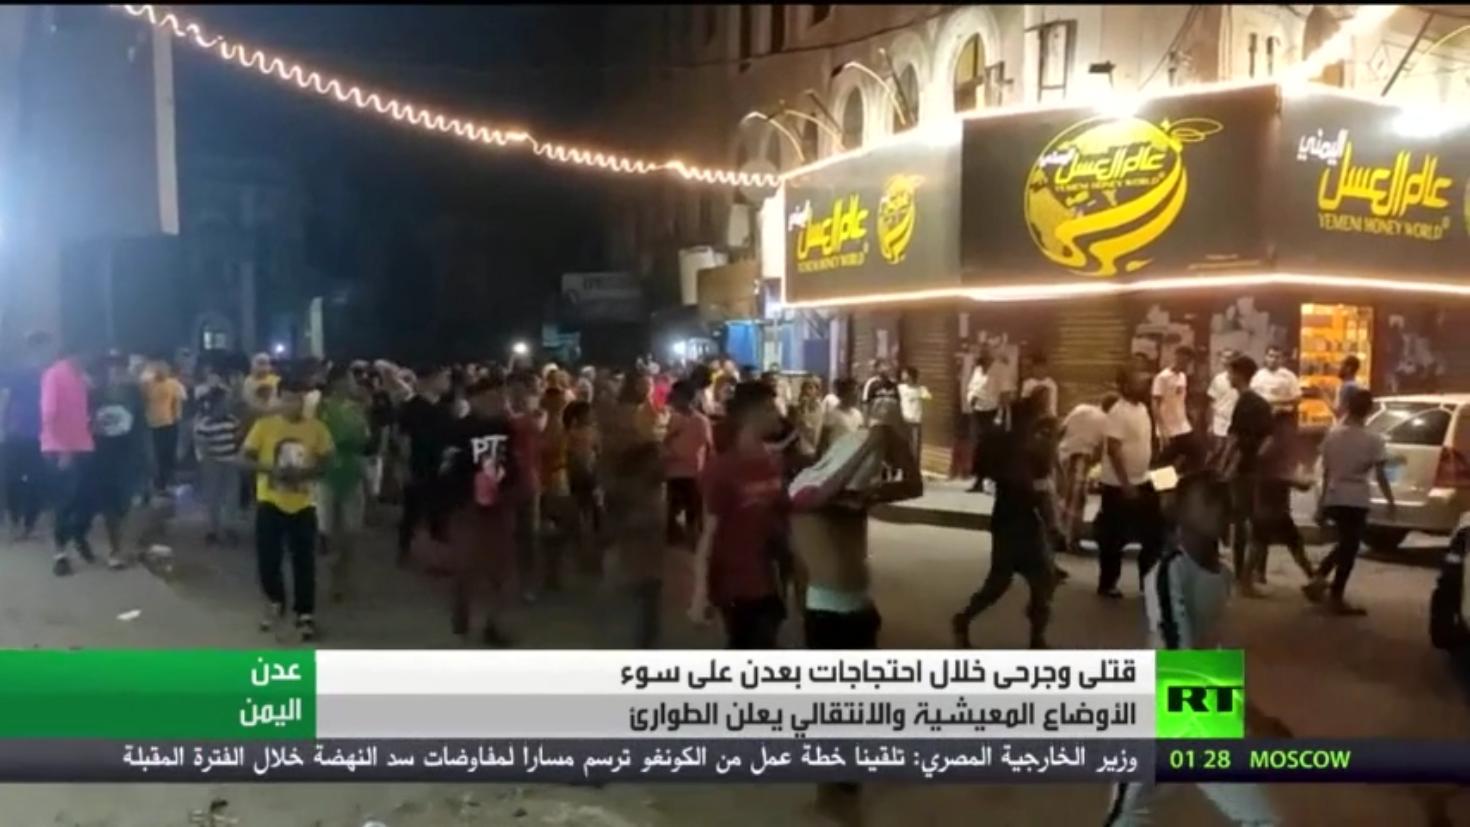 اليمن.. قتلى وجرحى خلال احتجاجات في عدن